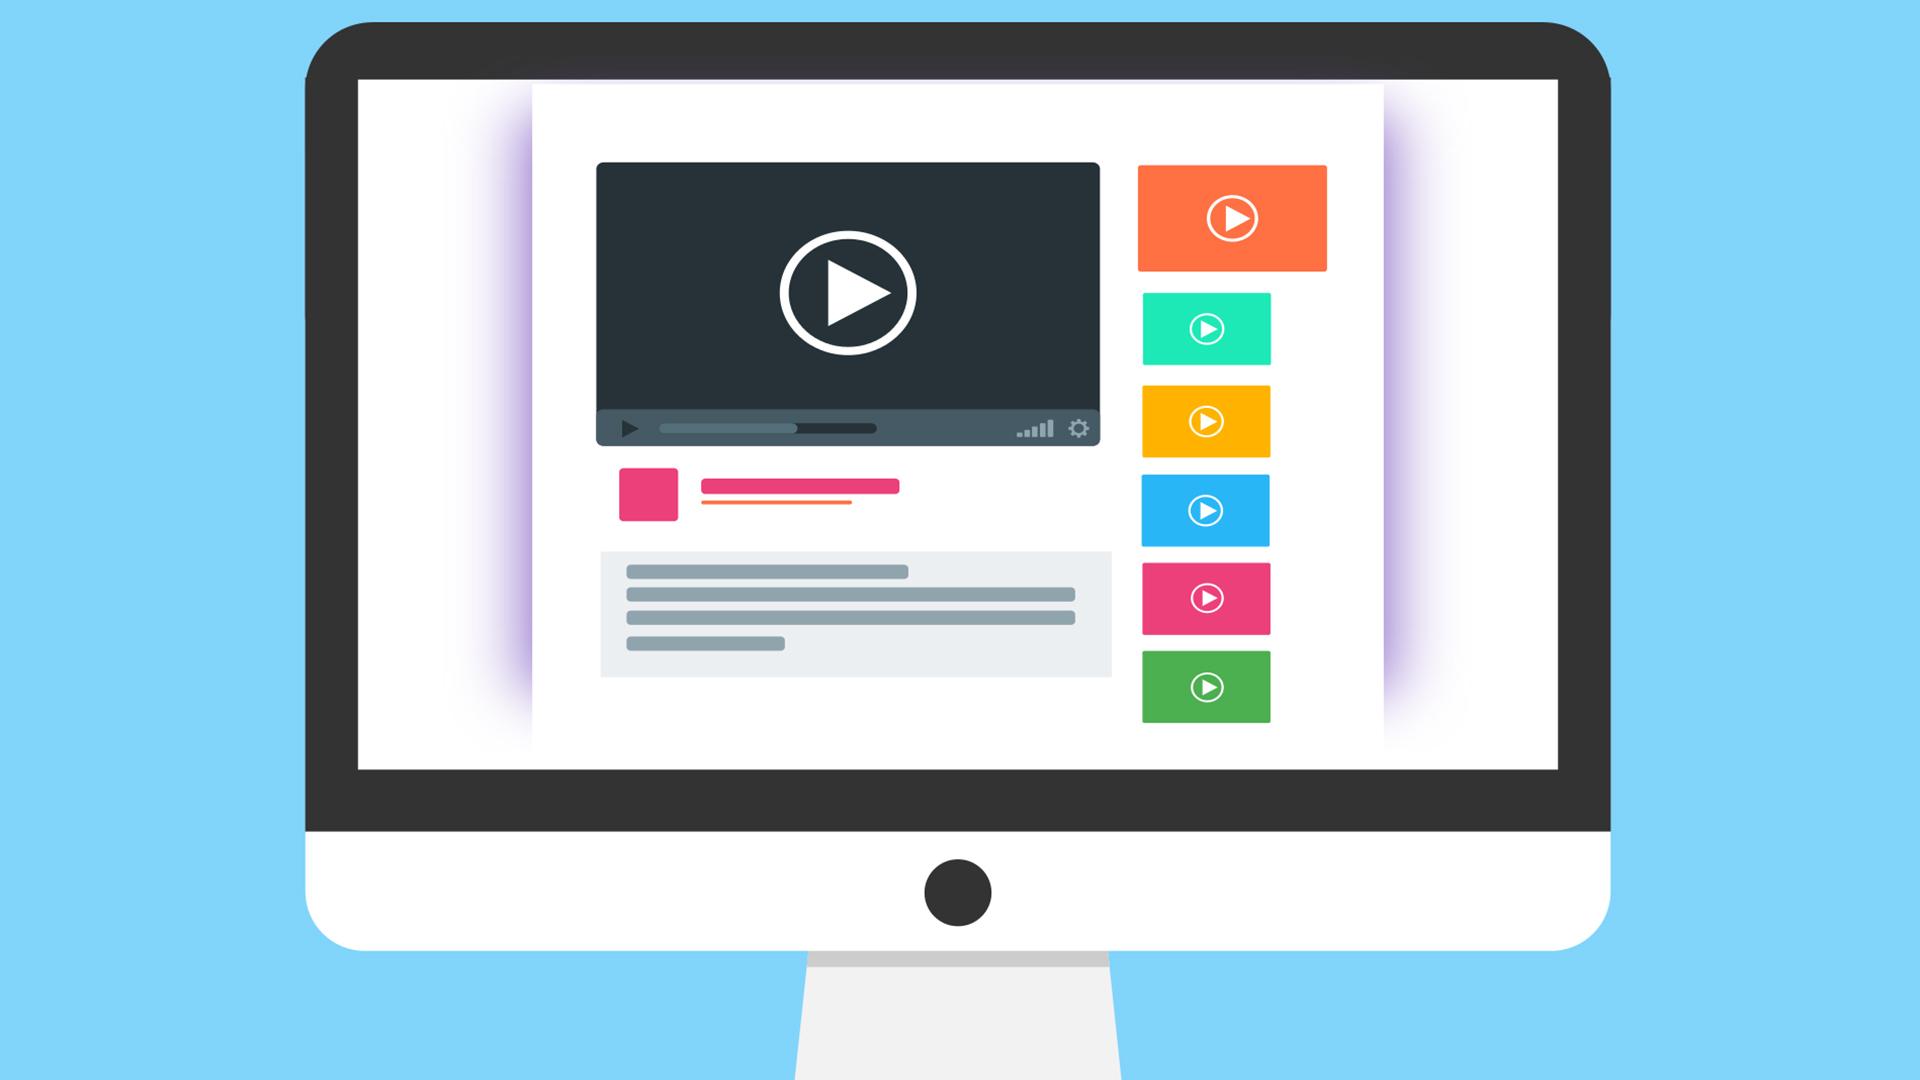 VÍDEOMARKETING para EMPRESA | Video marketing y Vídeo viral